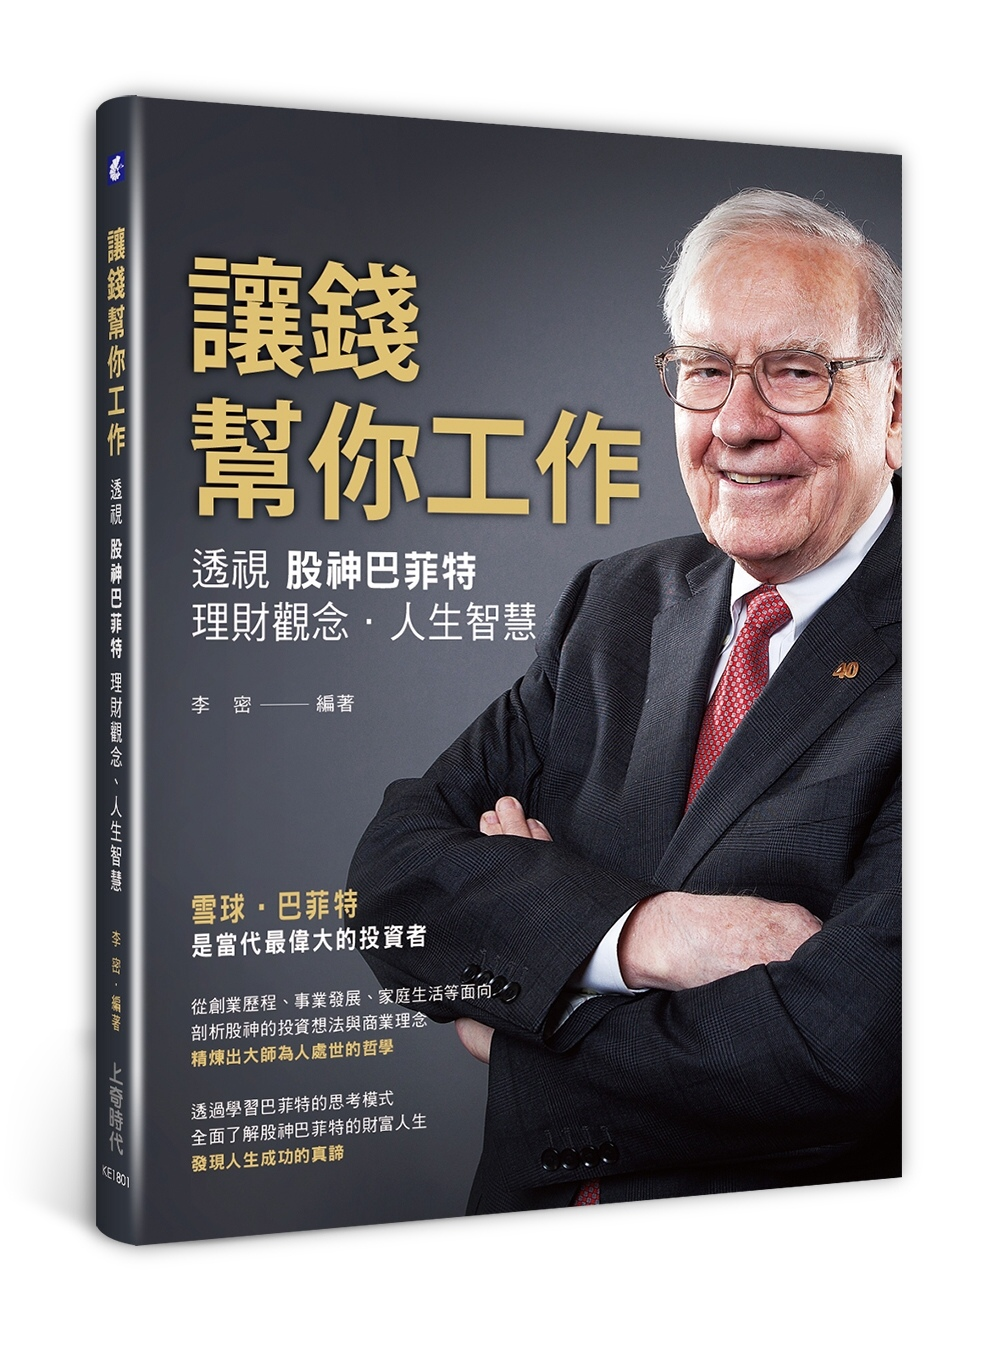 《讓錢幫你工作:透視賭神巴菲特理財觀念、人生智慧》 商品條碼,ISBN:9789865001292